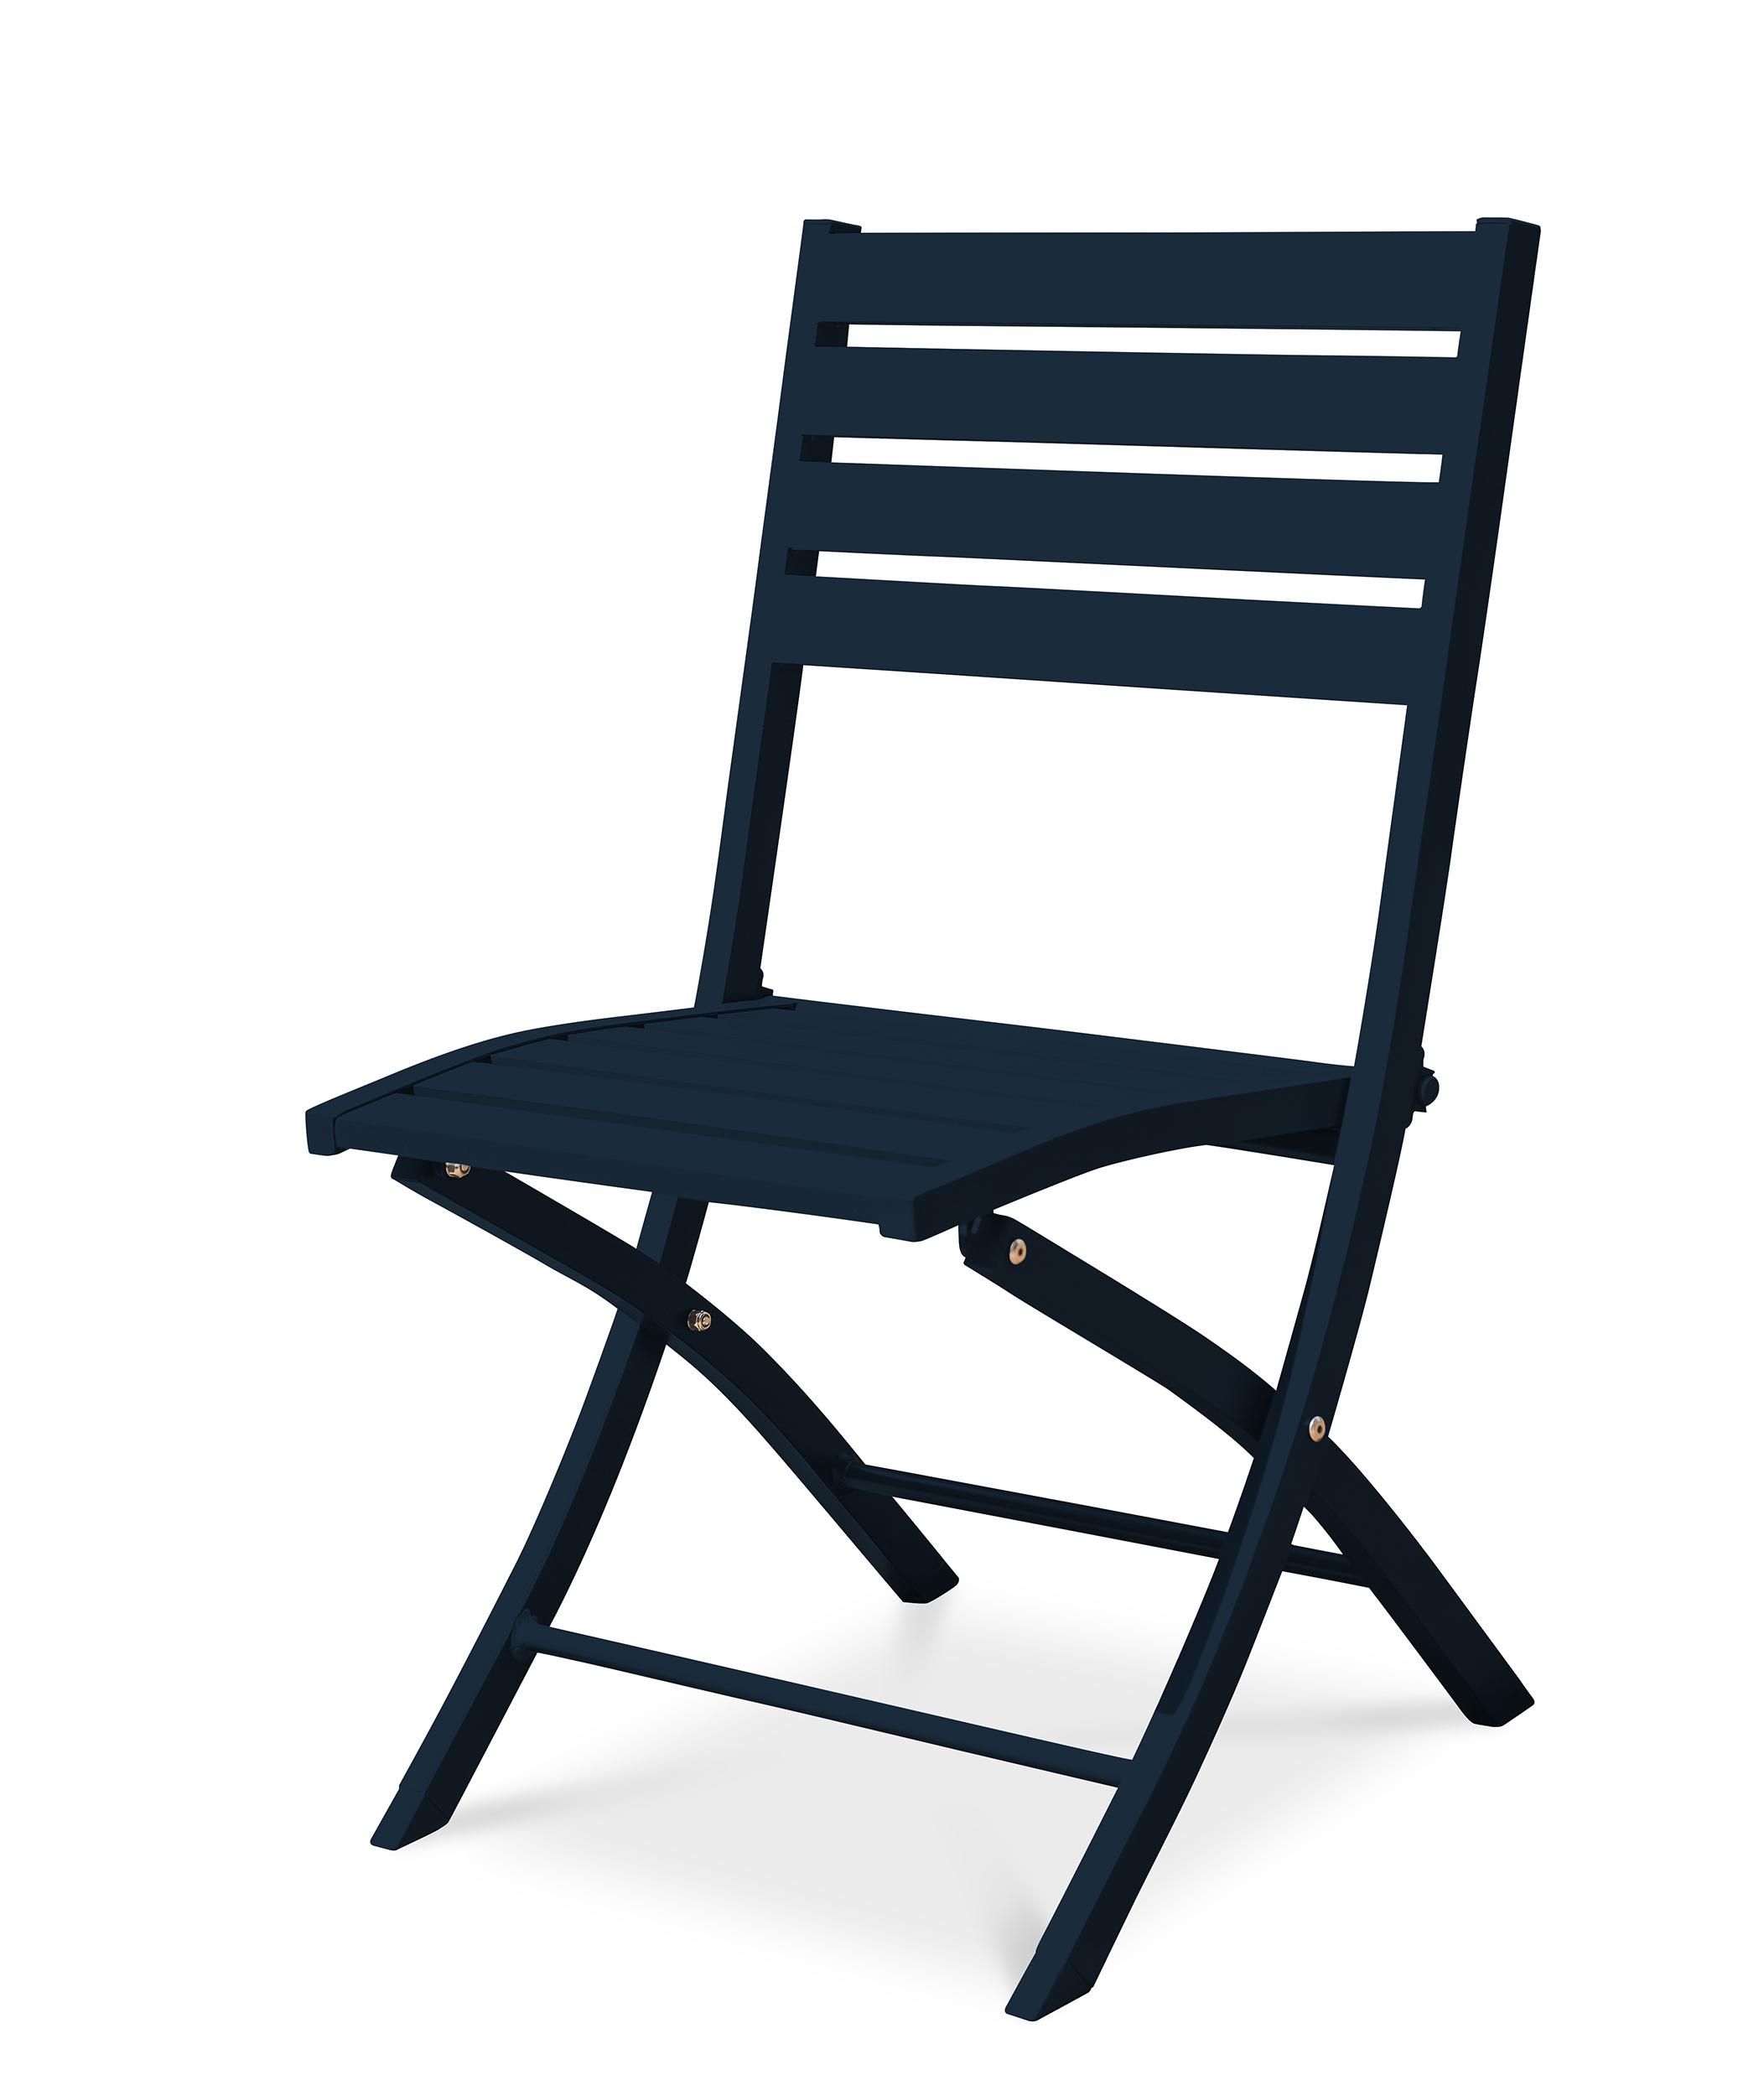 Chaise de jardin en aluminium marine